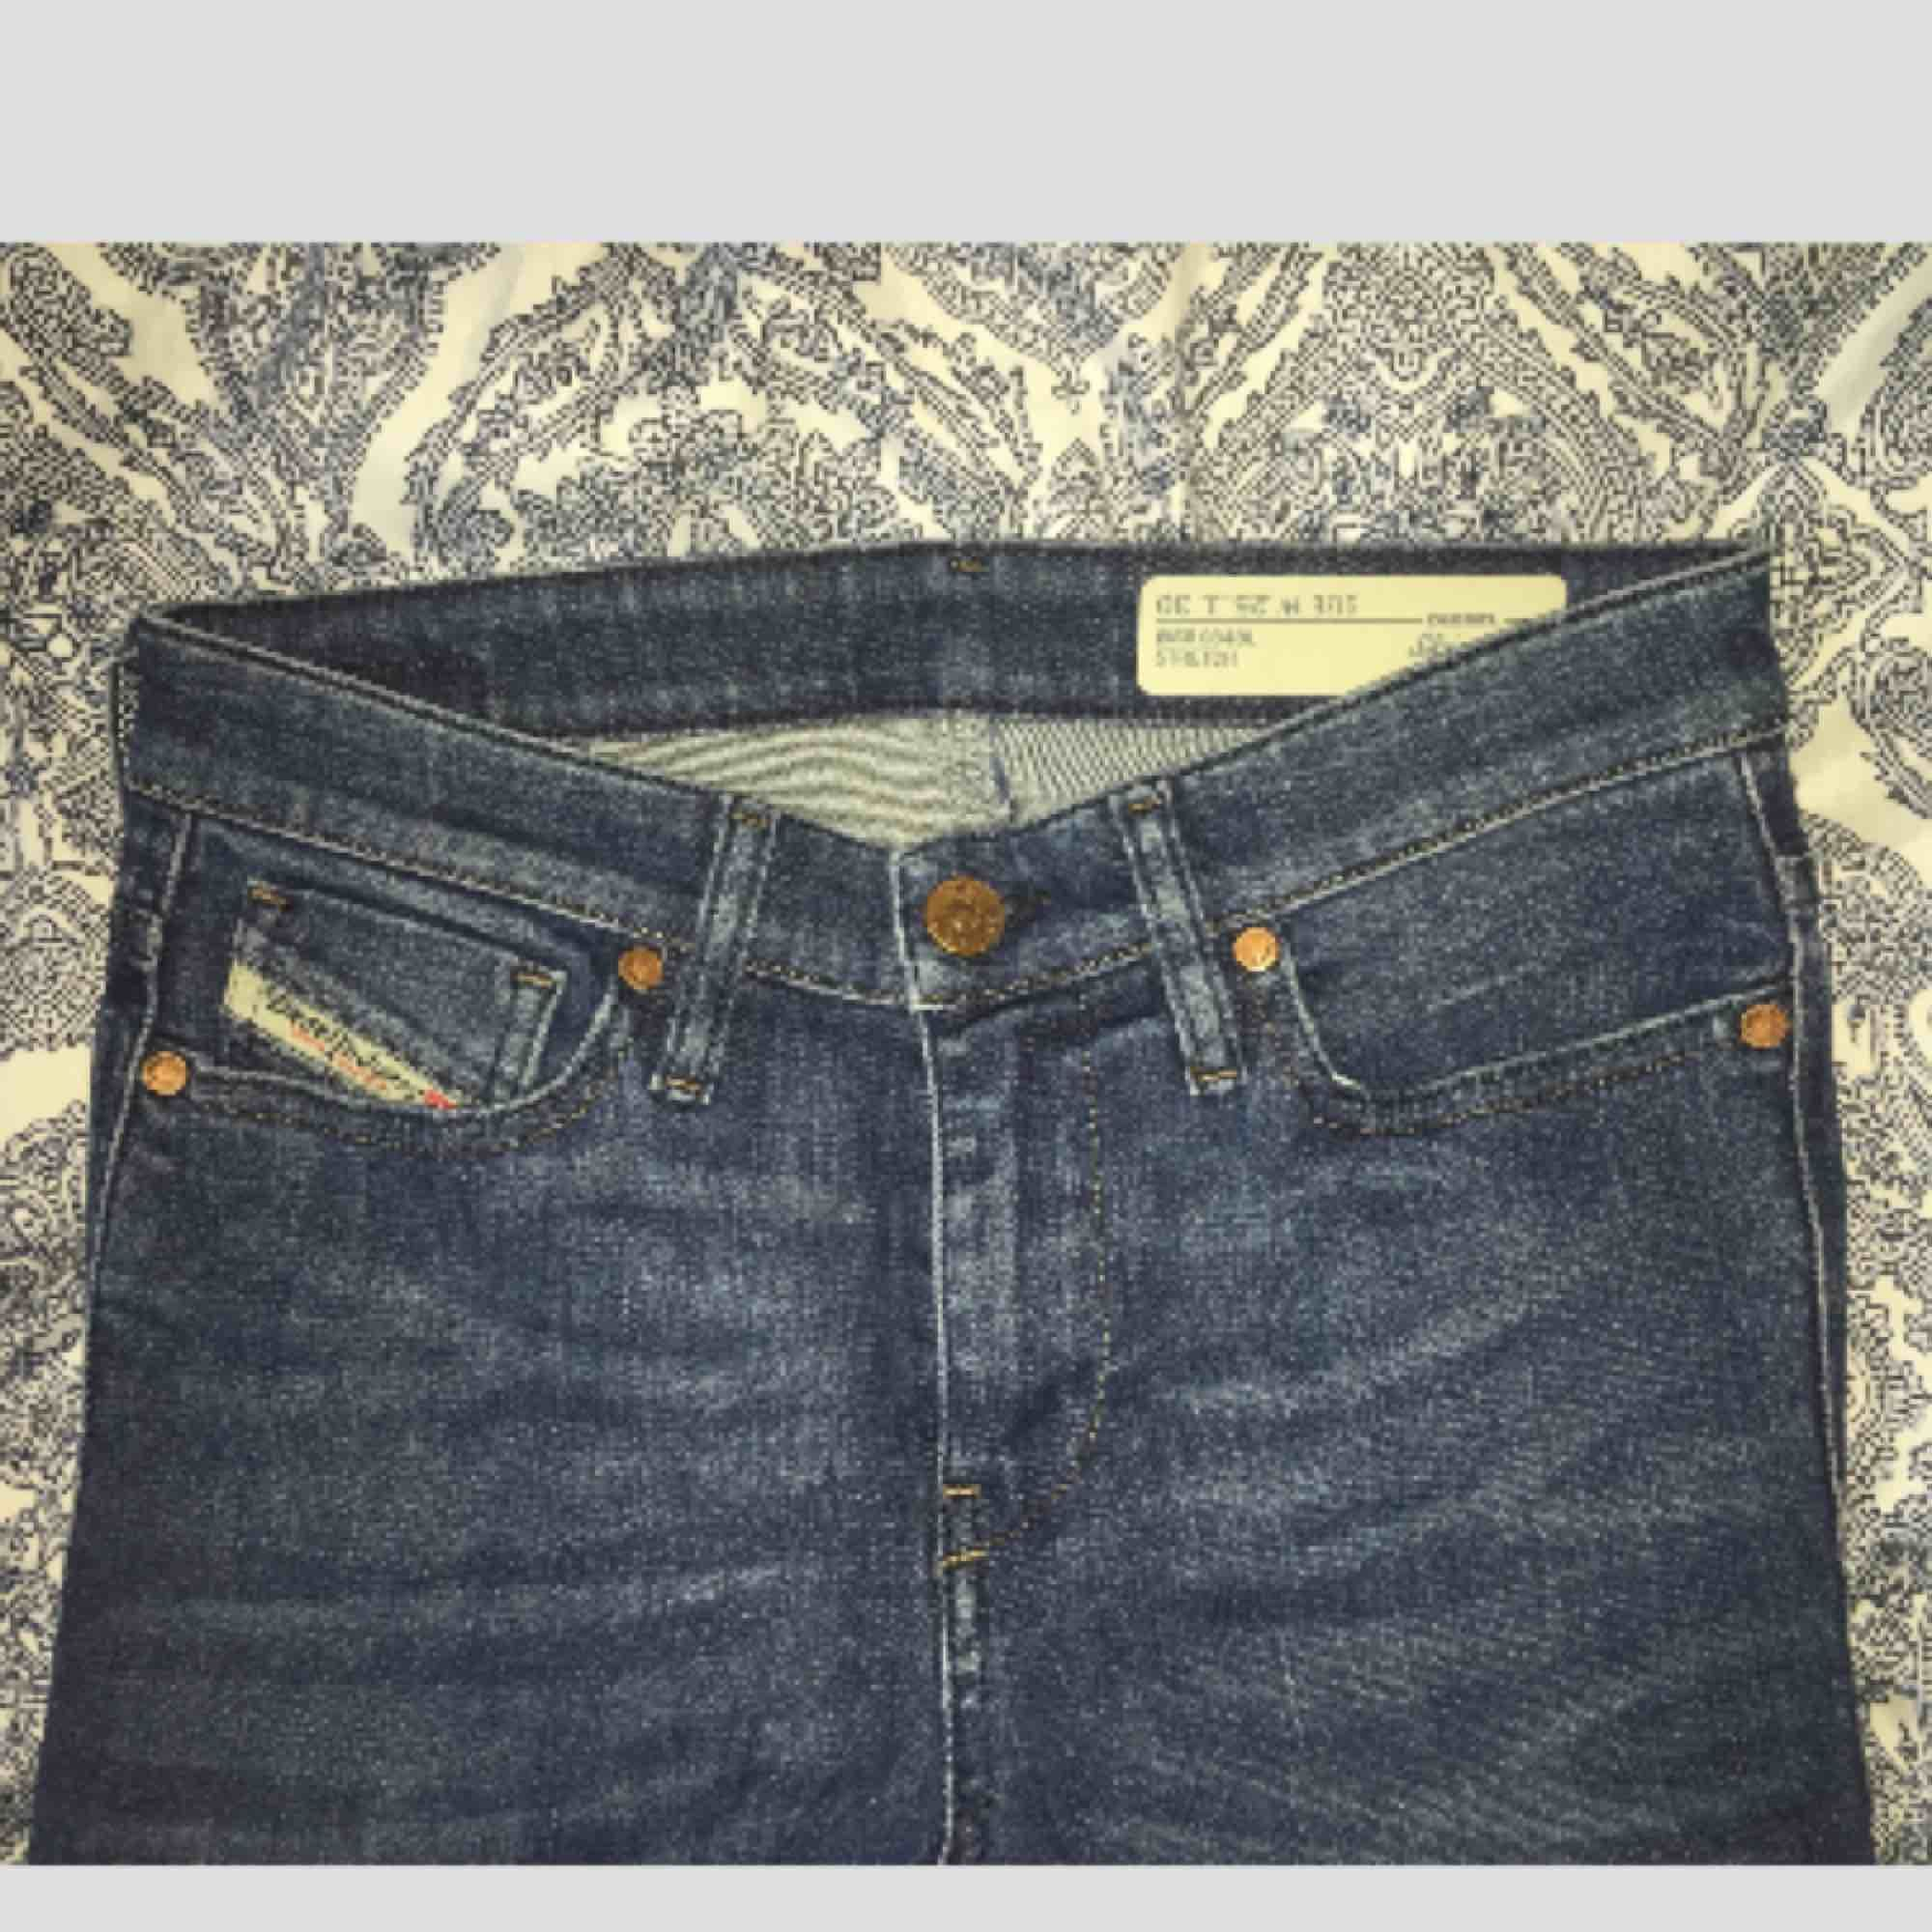 Sparsamt använda. Bra skick. Modell: skinny, normal/hög midja, mörkblå tvätt. Originalpris: 899 kr. Midja: 25. Längd: 30. 300 + frakt. Swish 💙. Jeans & Byxor.